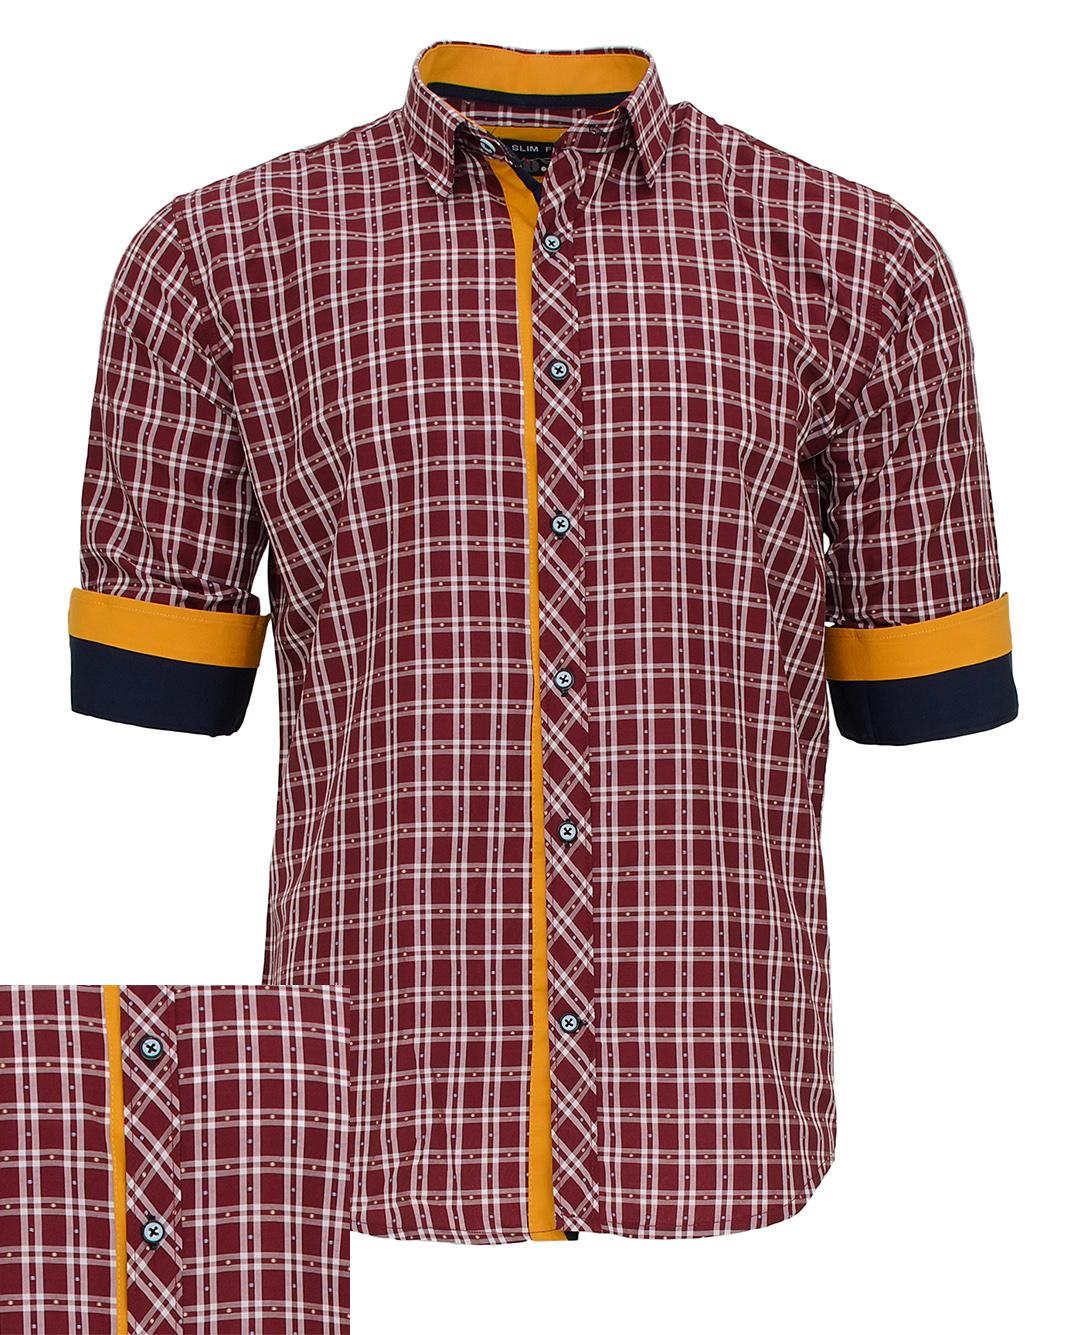 Ανδρικό Πουκάμισο So Fashion Καρώ Bordo-Μπορντό αρχική ανδρικά ρούχα πουκάμισα